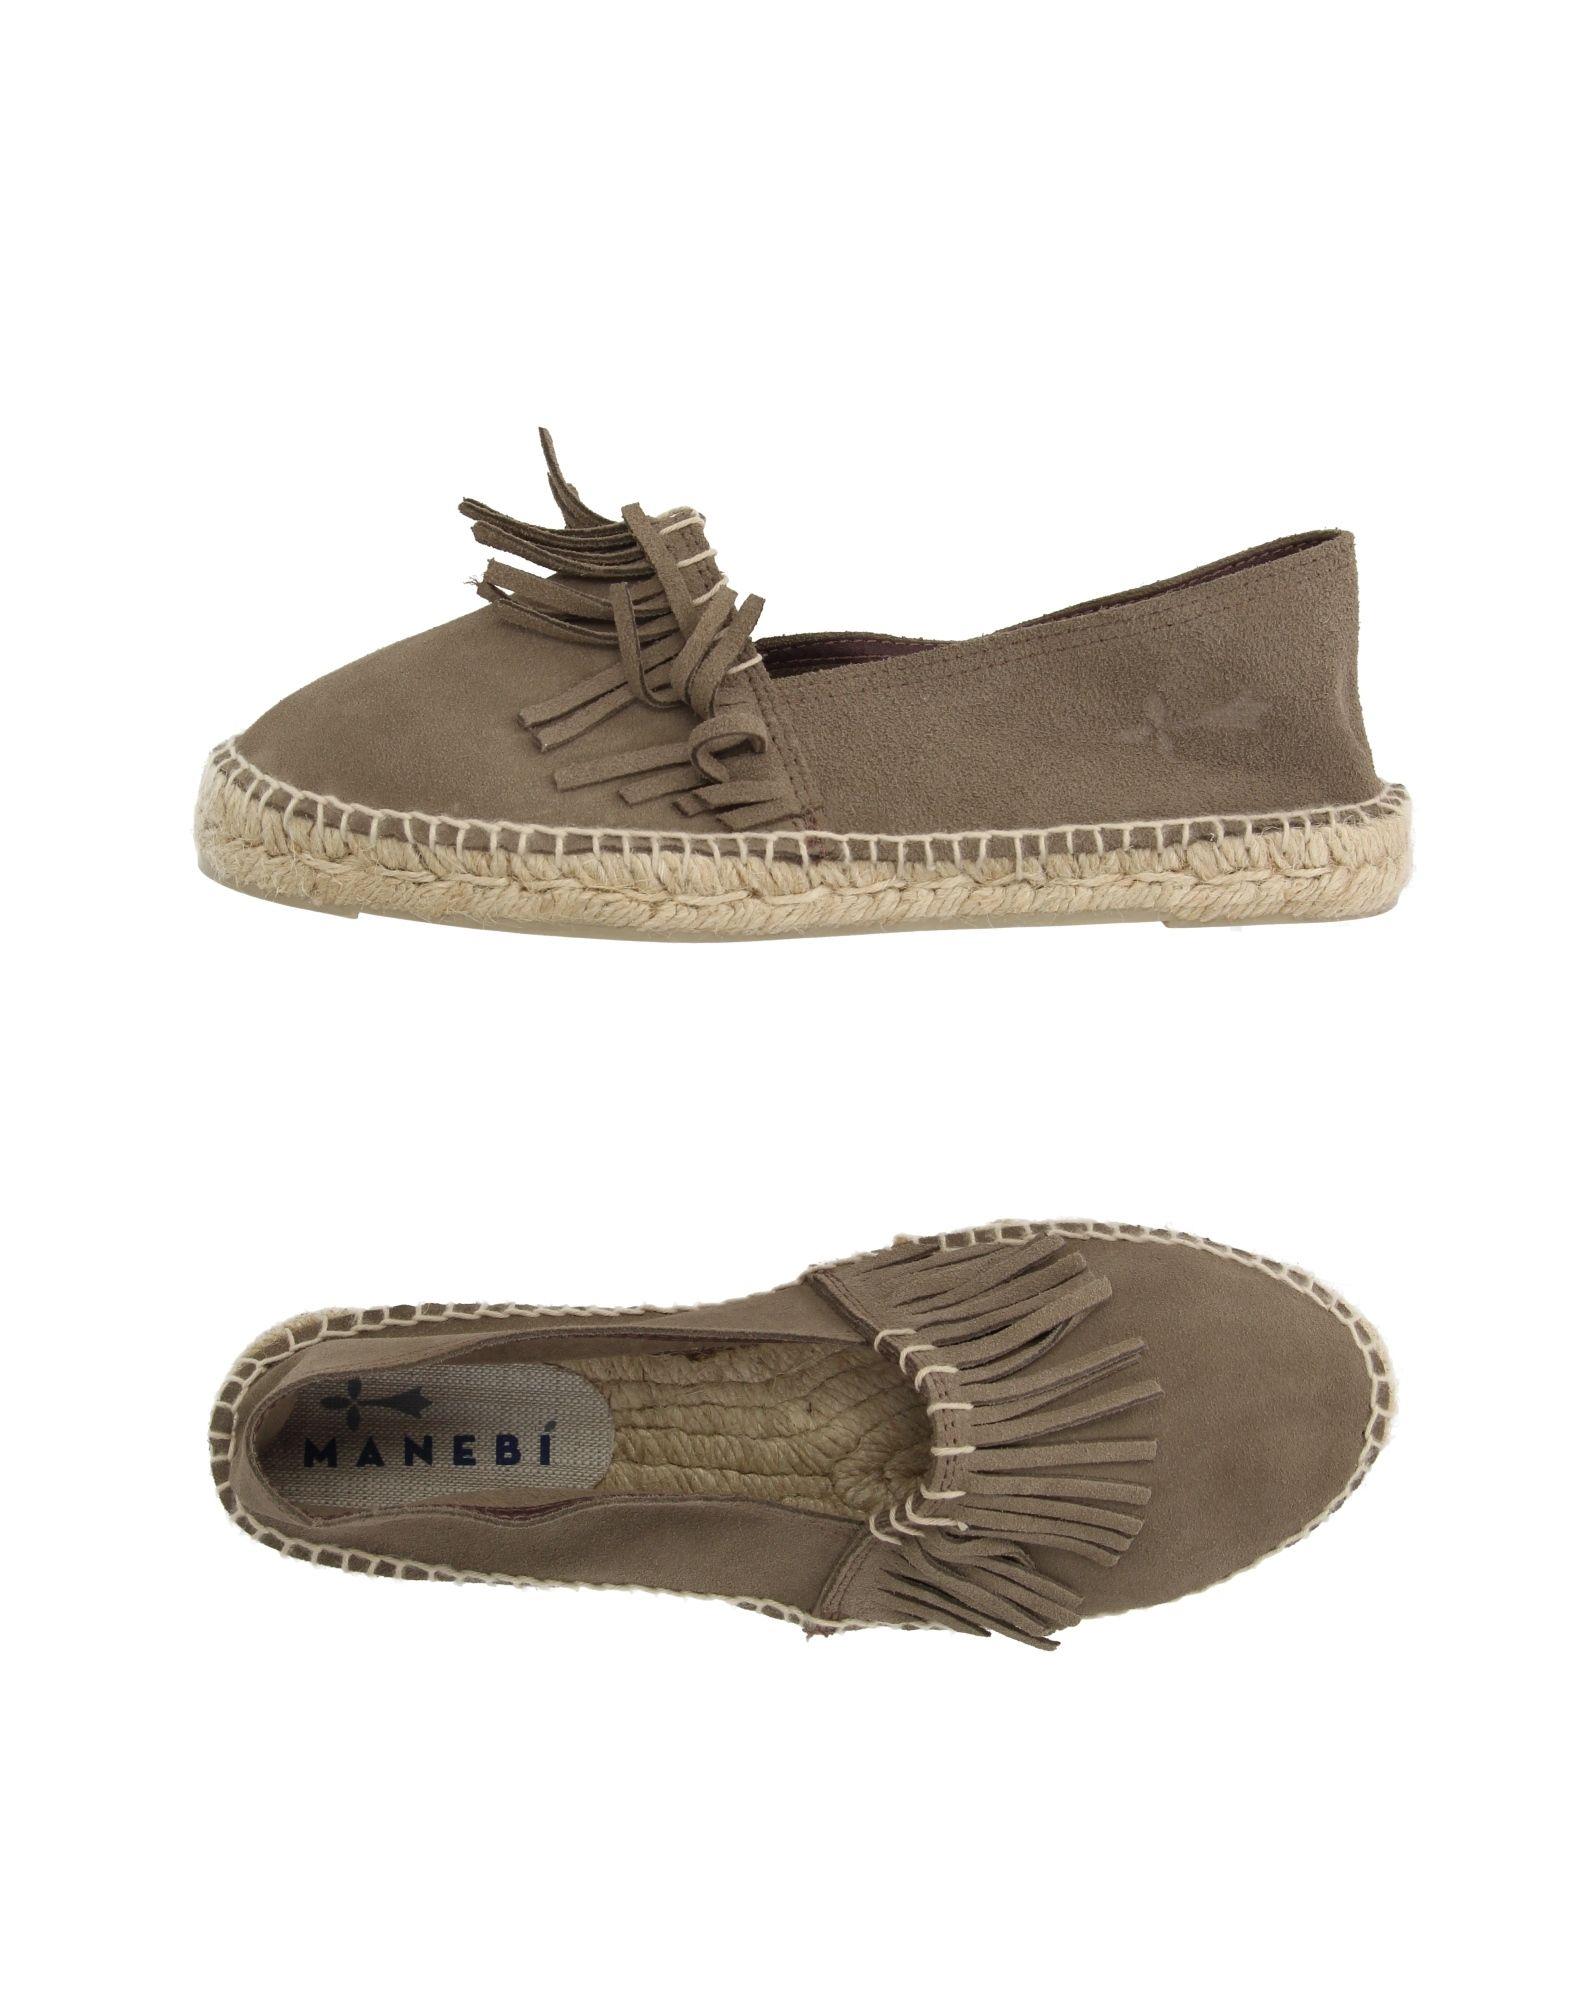 Manebí Espadrilles Damen beliebte  11186918MH Gute Qualität beliebte Damen Schuhe aad626